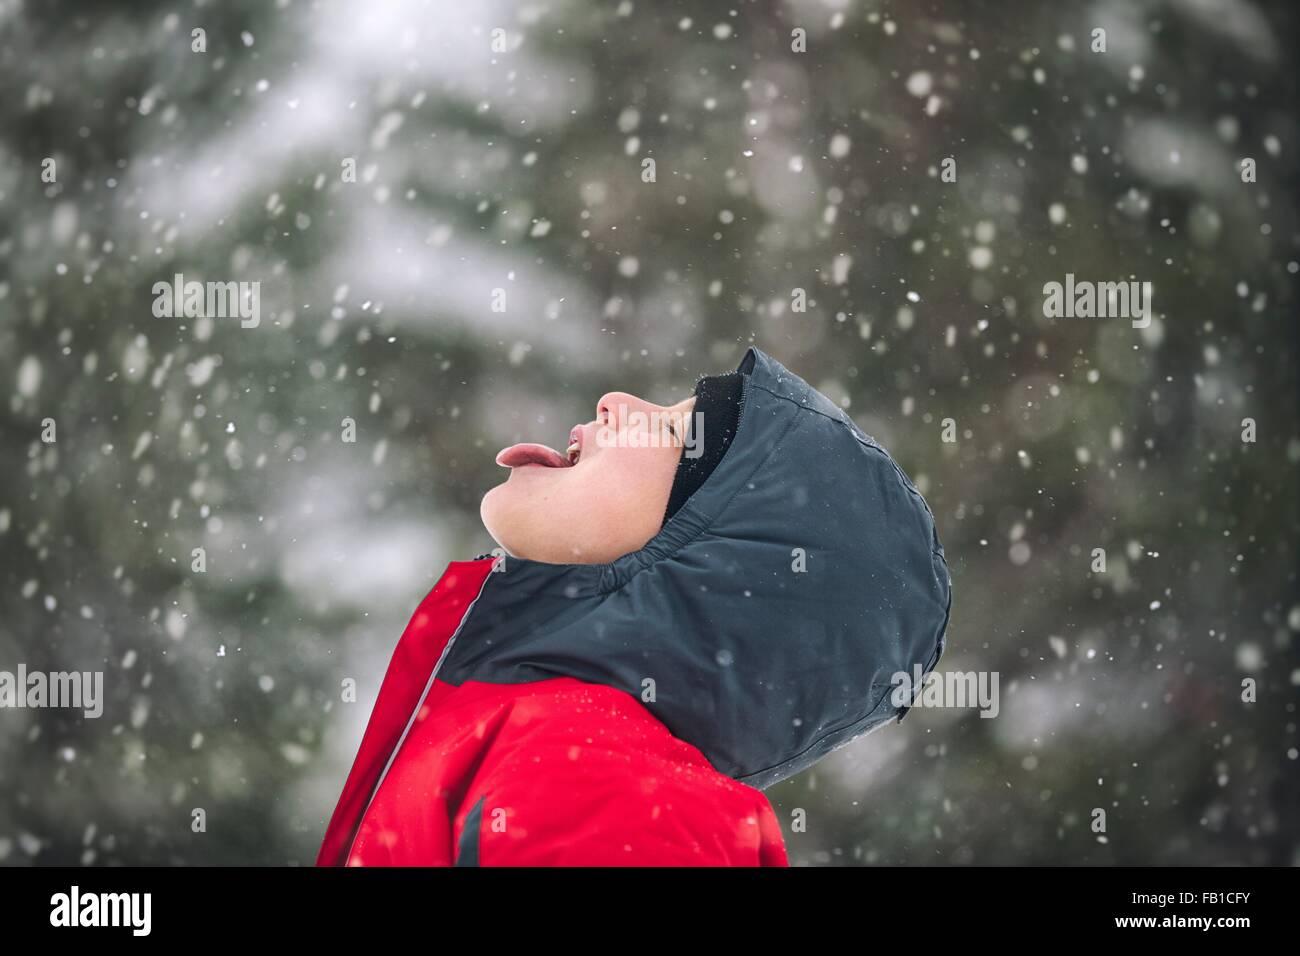 Vista lateral del niño fuera la lengua atrapar los copos de nieve Imagen De Stock